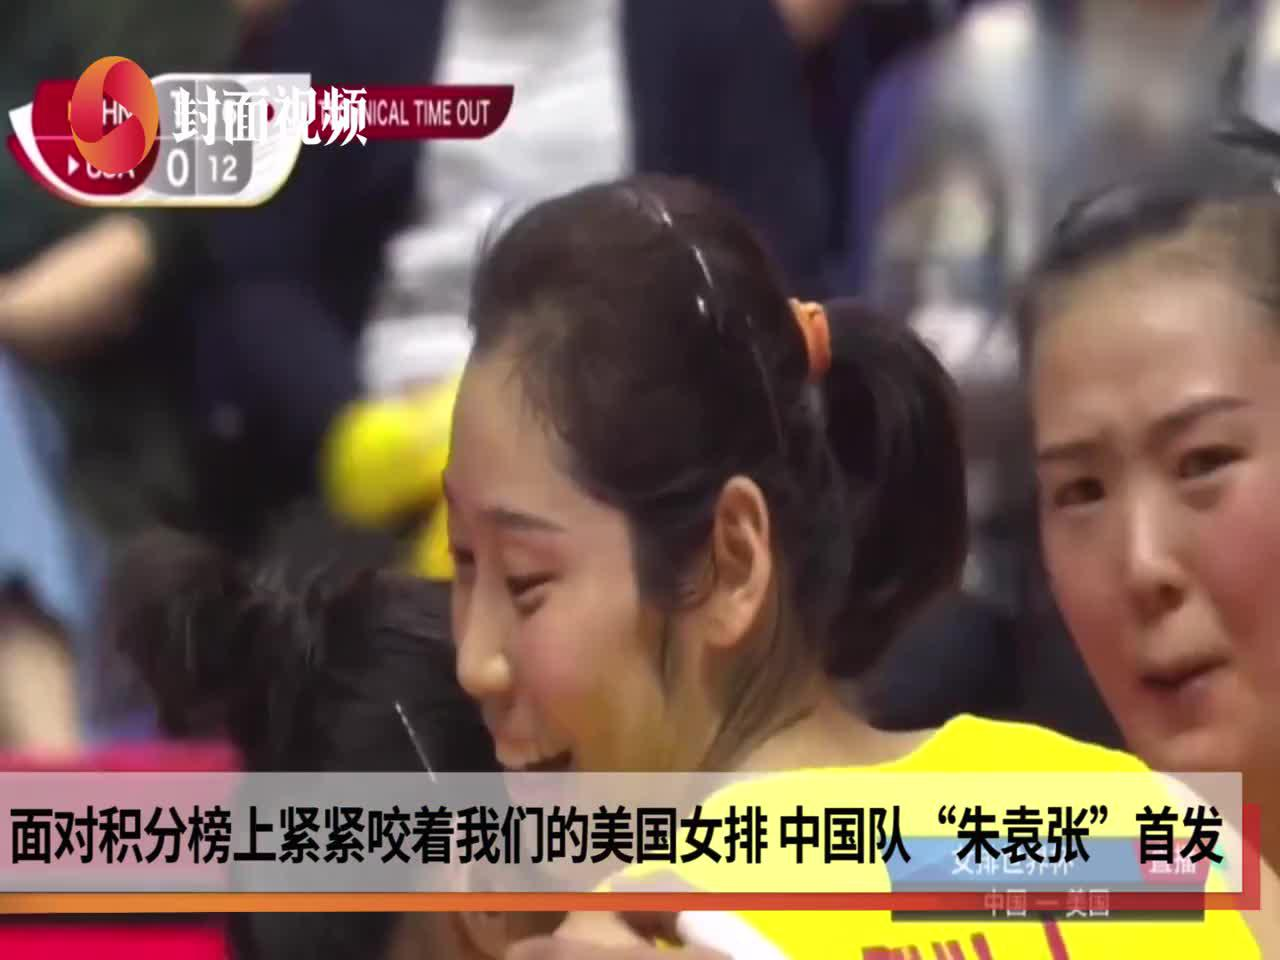 7连胜!中国女排3:0横扫美国 清除世界杯卫冕最大障碍